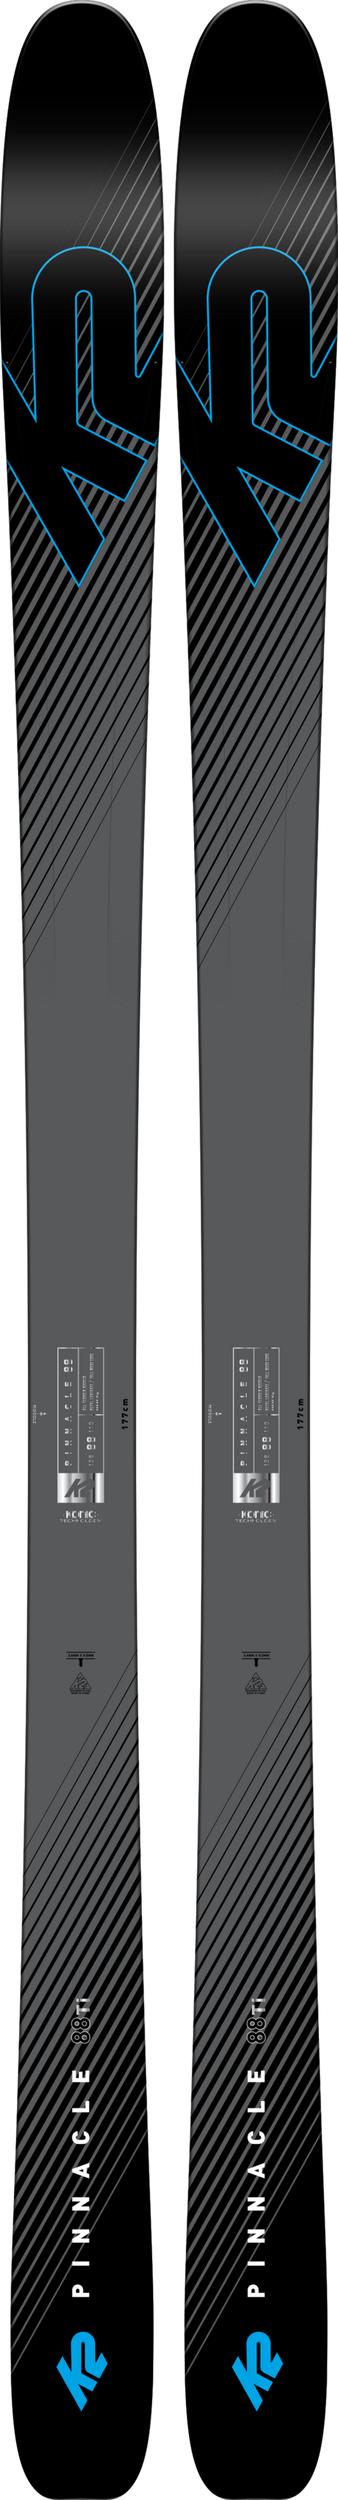 K2 Pinnacle 88Ti Skis 2019